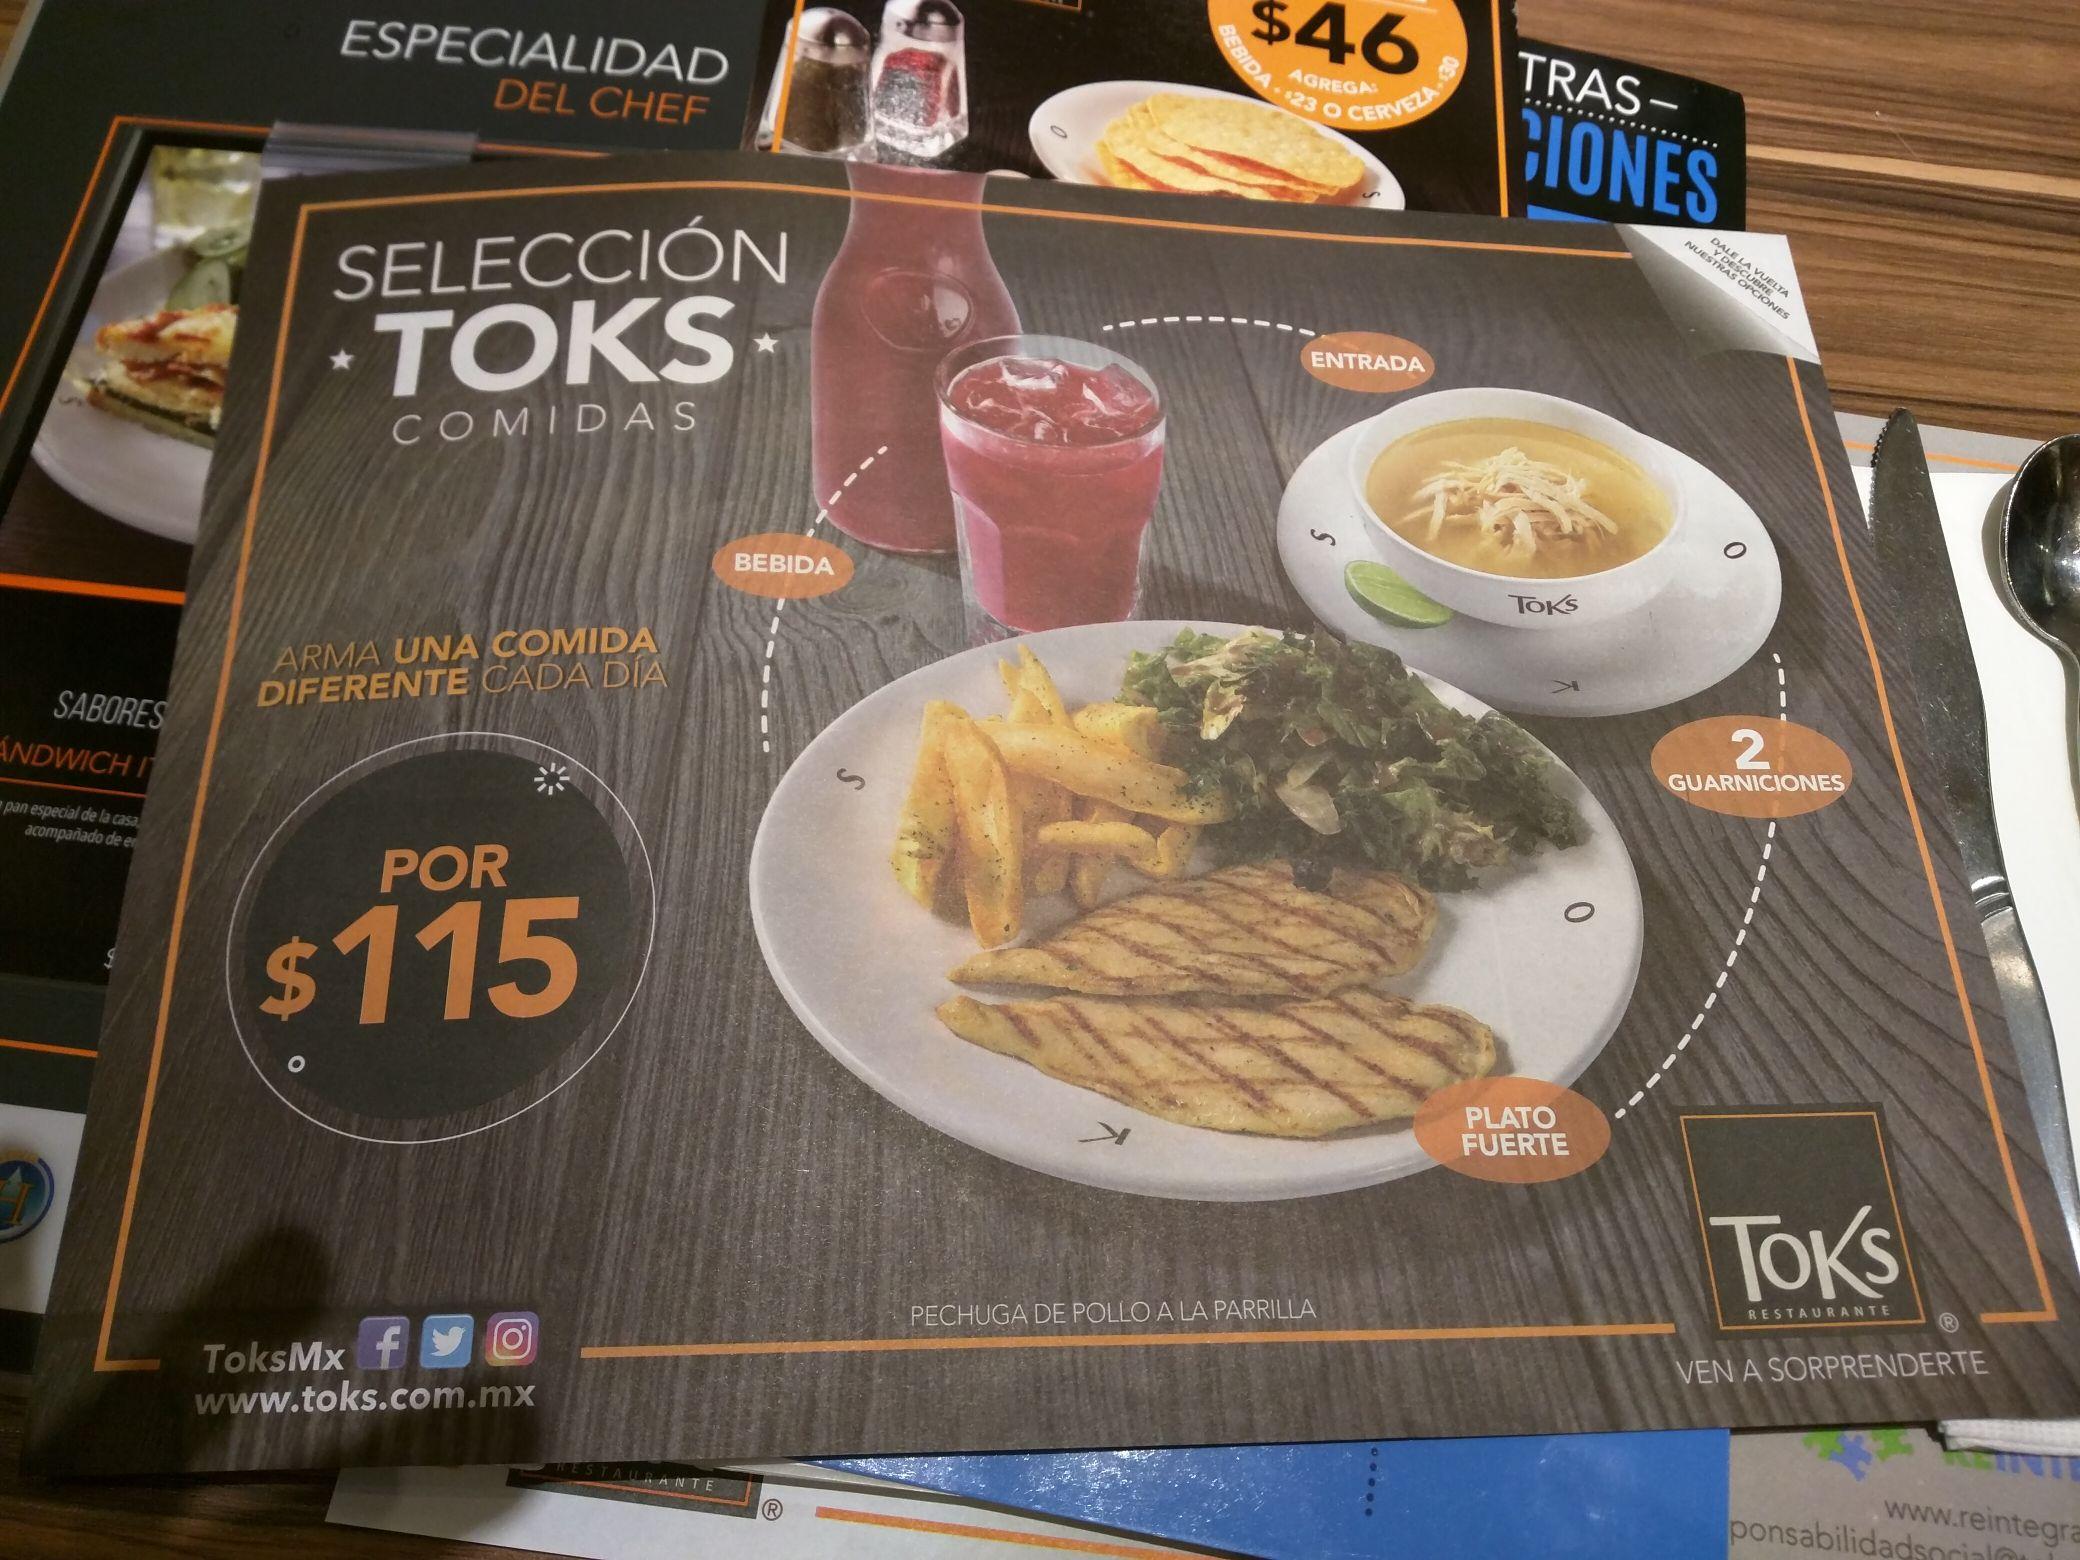 Toks Cuautitlán Izcalli: Selección comidas por $115